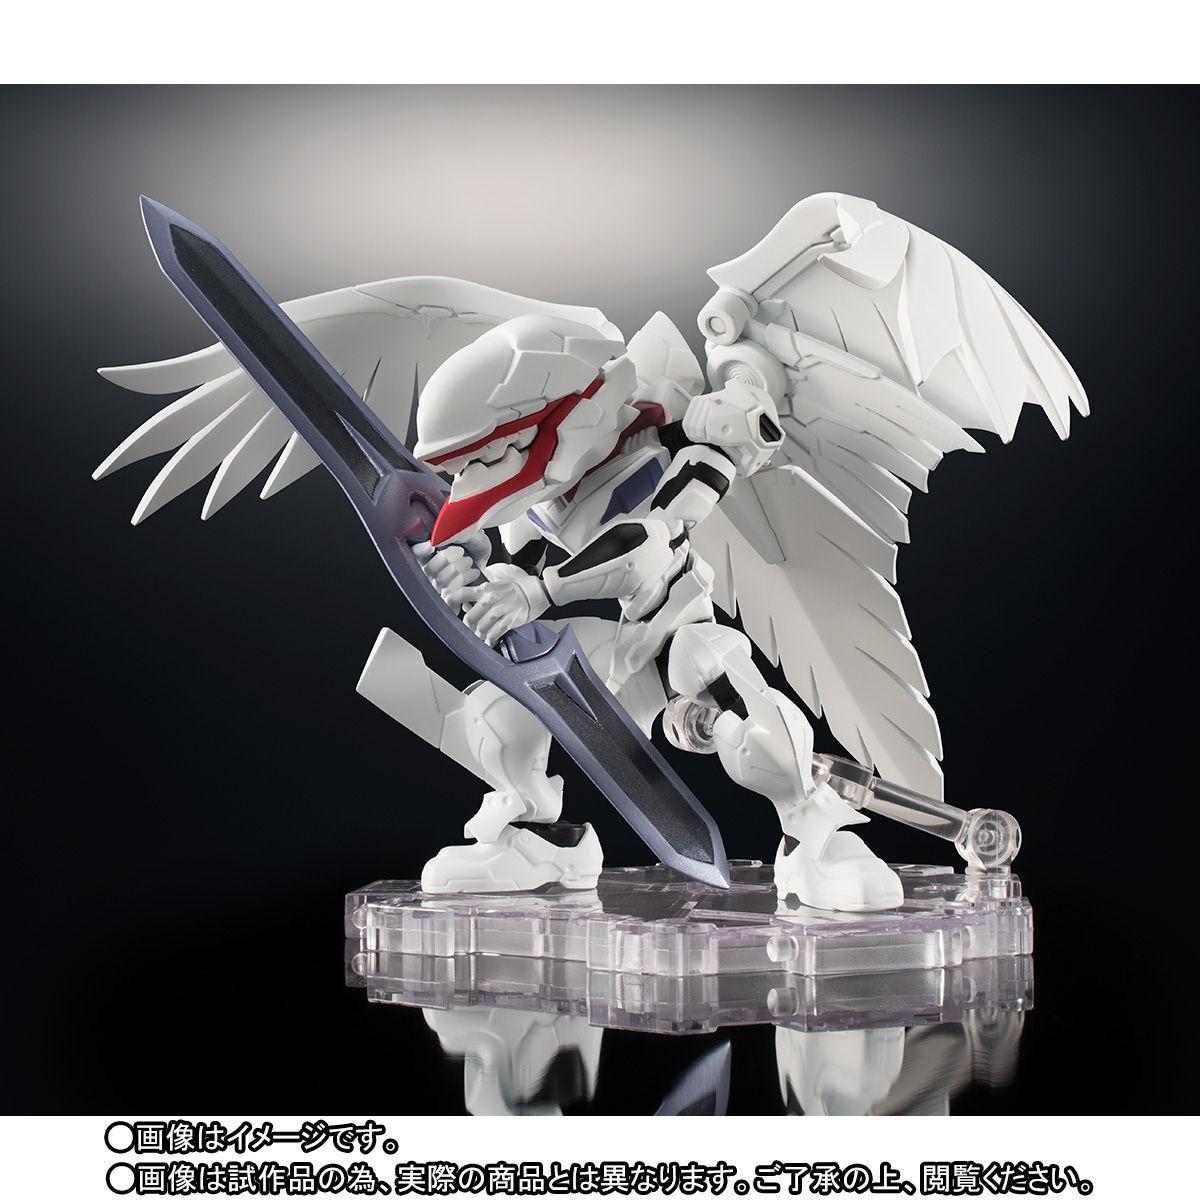 ネクスエッジスタイル [EVA UNIT] 『エヴァンゲリオン量産機』可動フィギュア-002